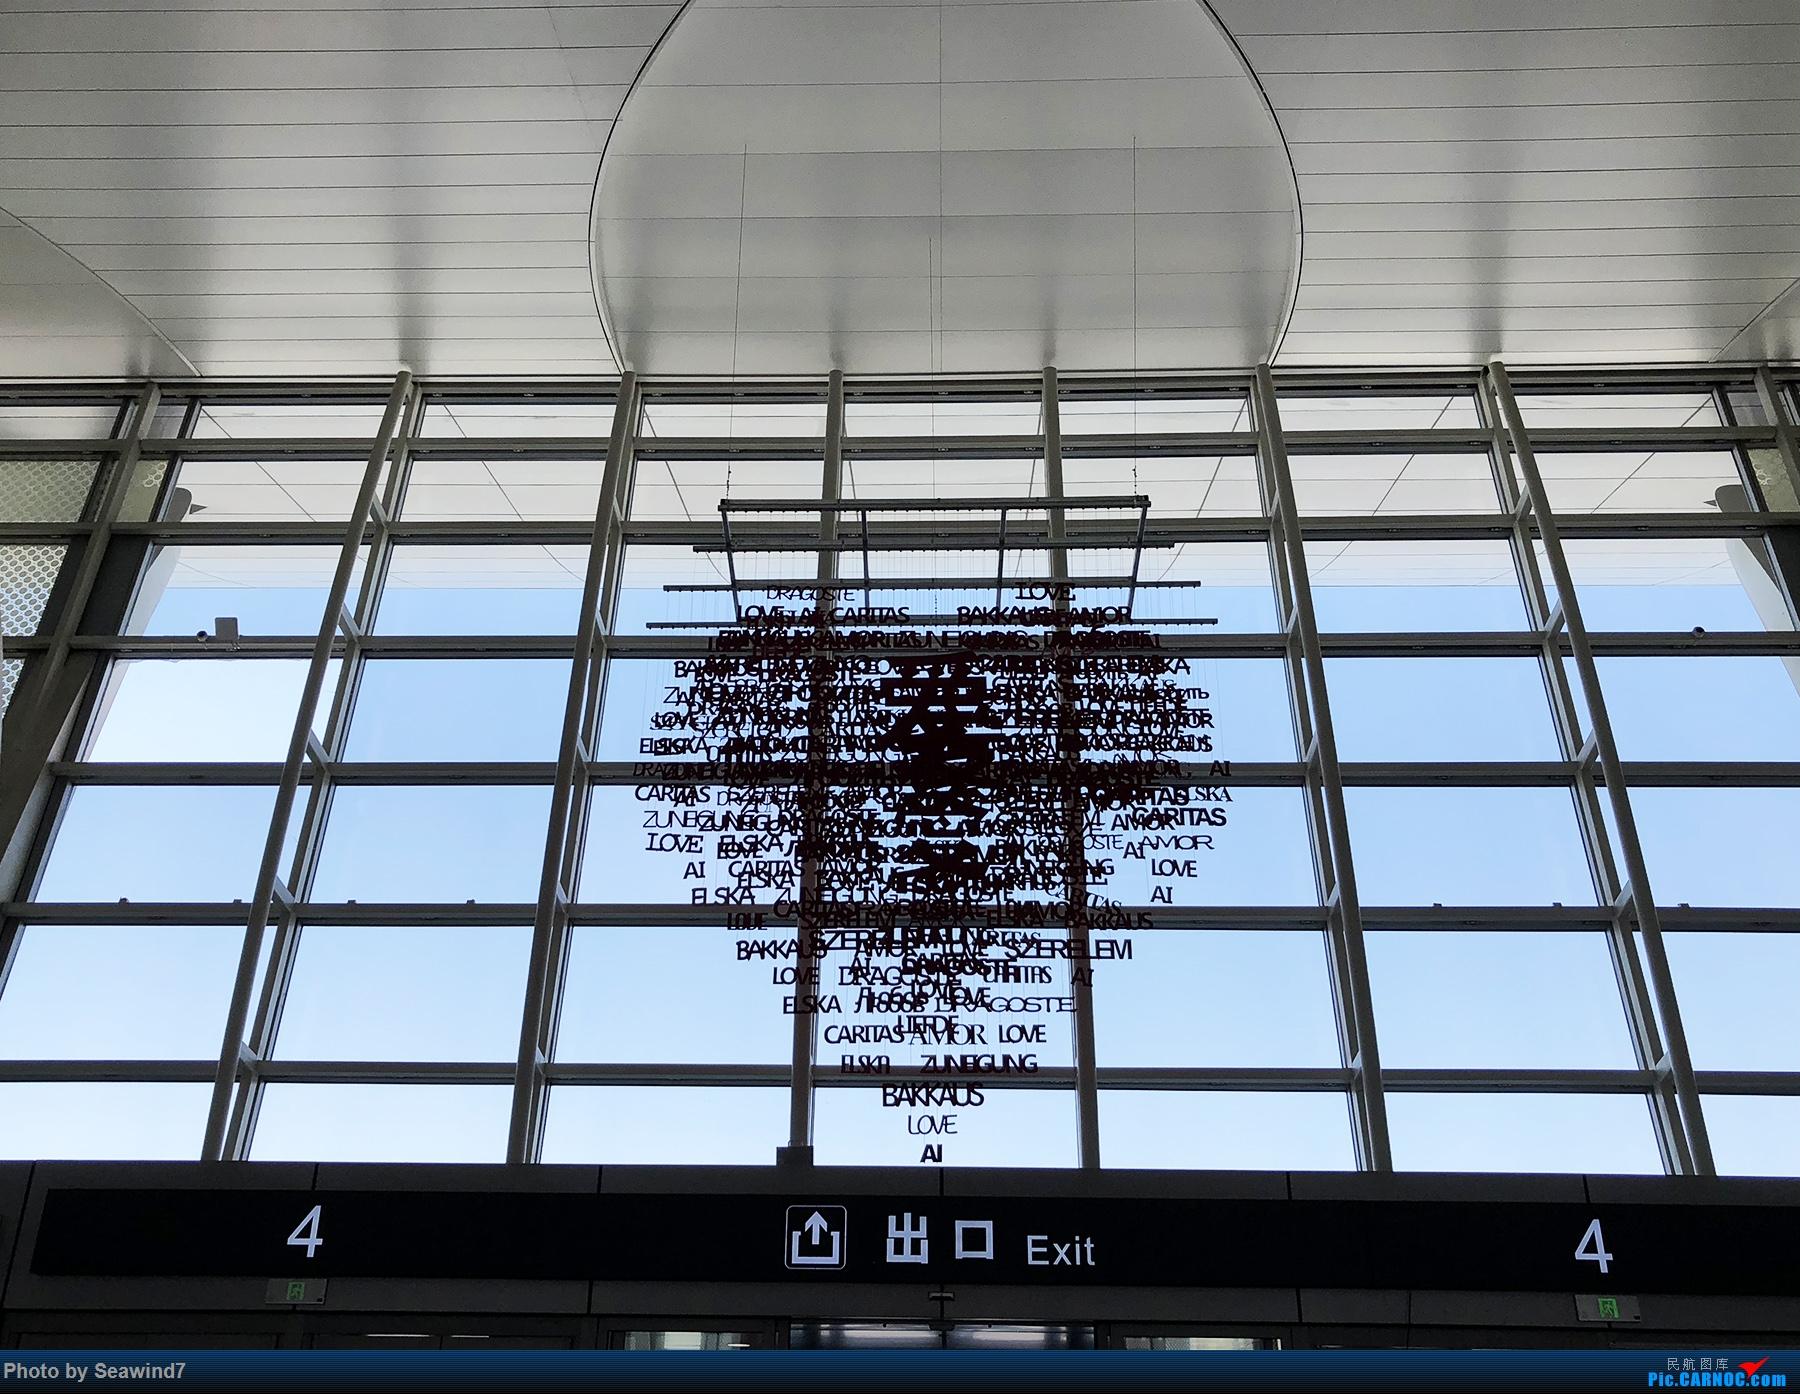 Re:[原创][Seawind7游记第五弹]银川neo往返    中国银川河东国际机场